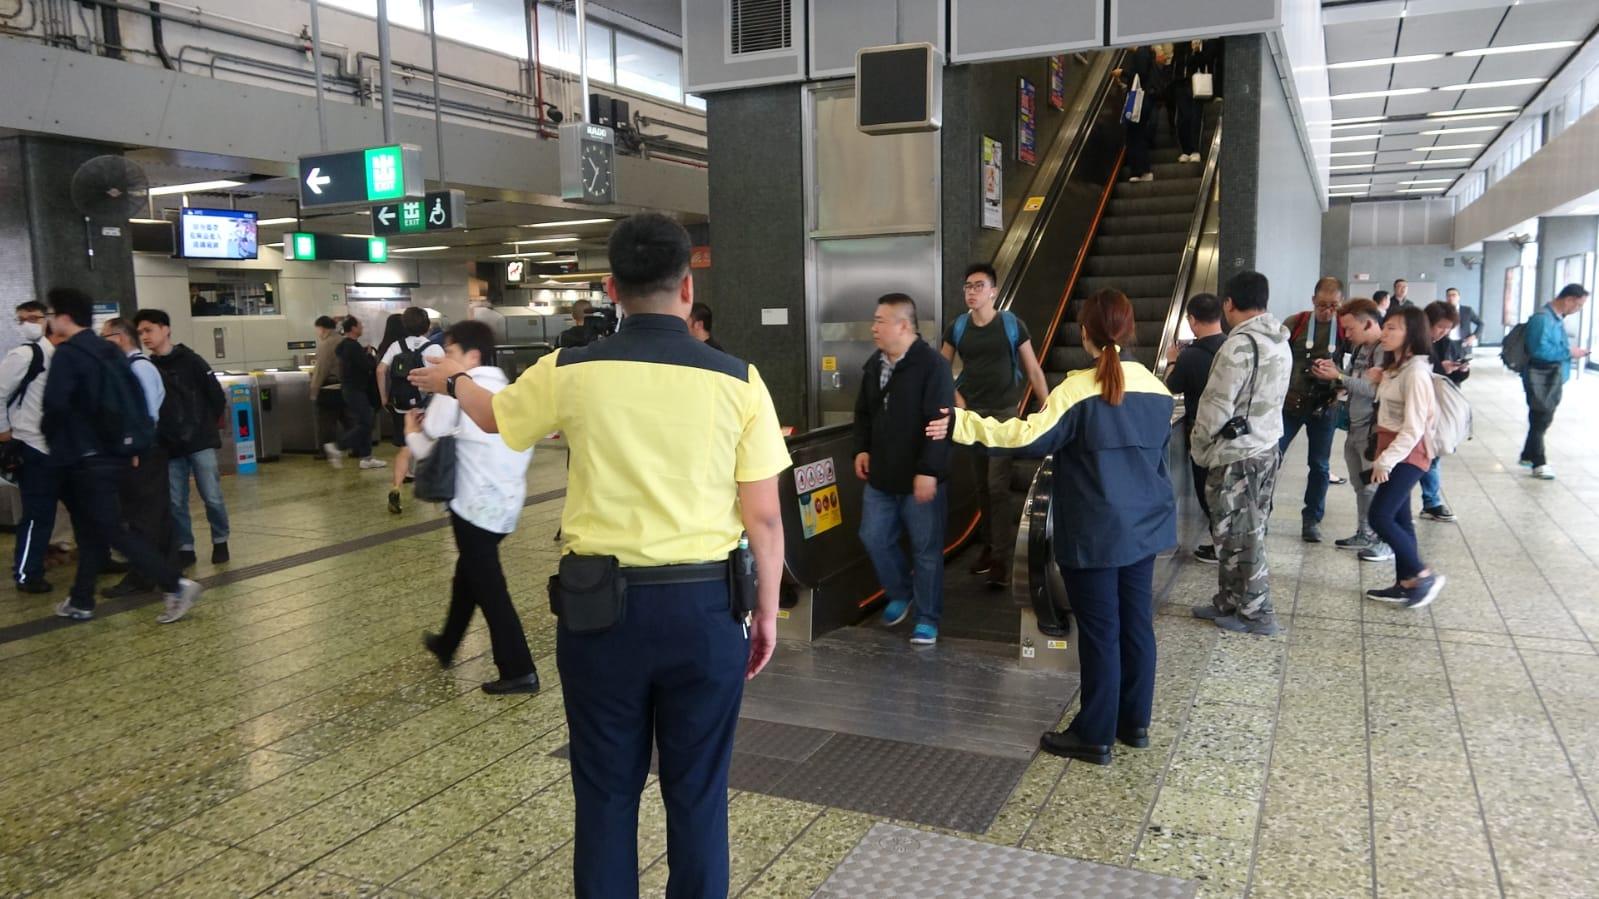 站內另一條電梯都暫停,方便乘客下來大堂。